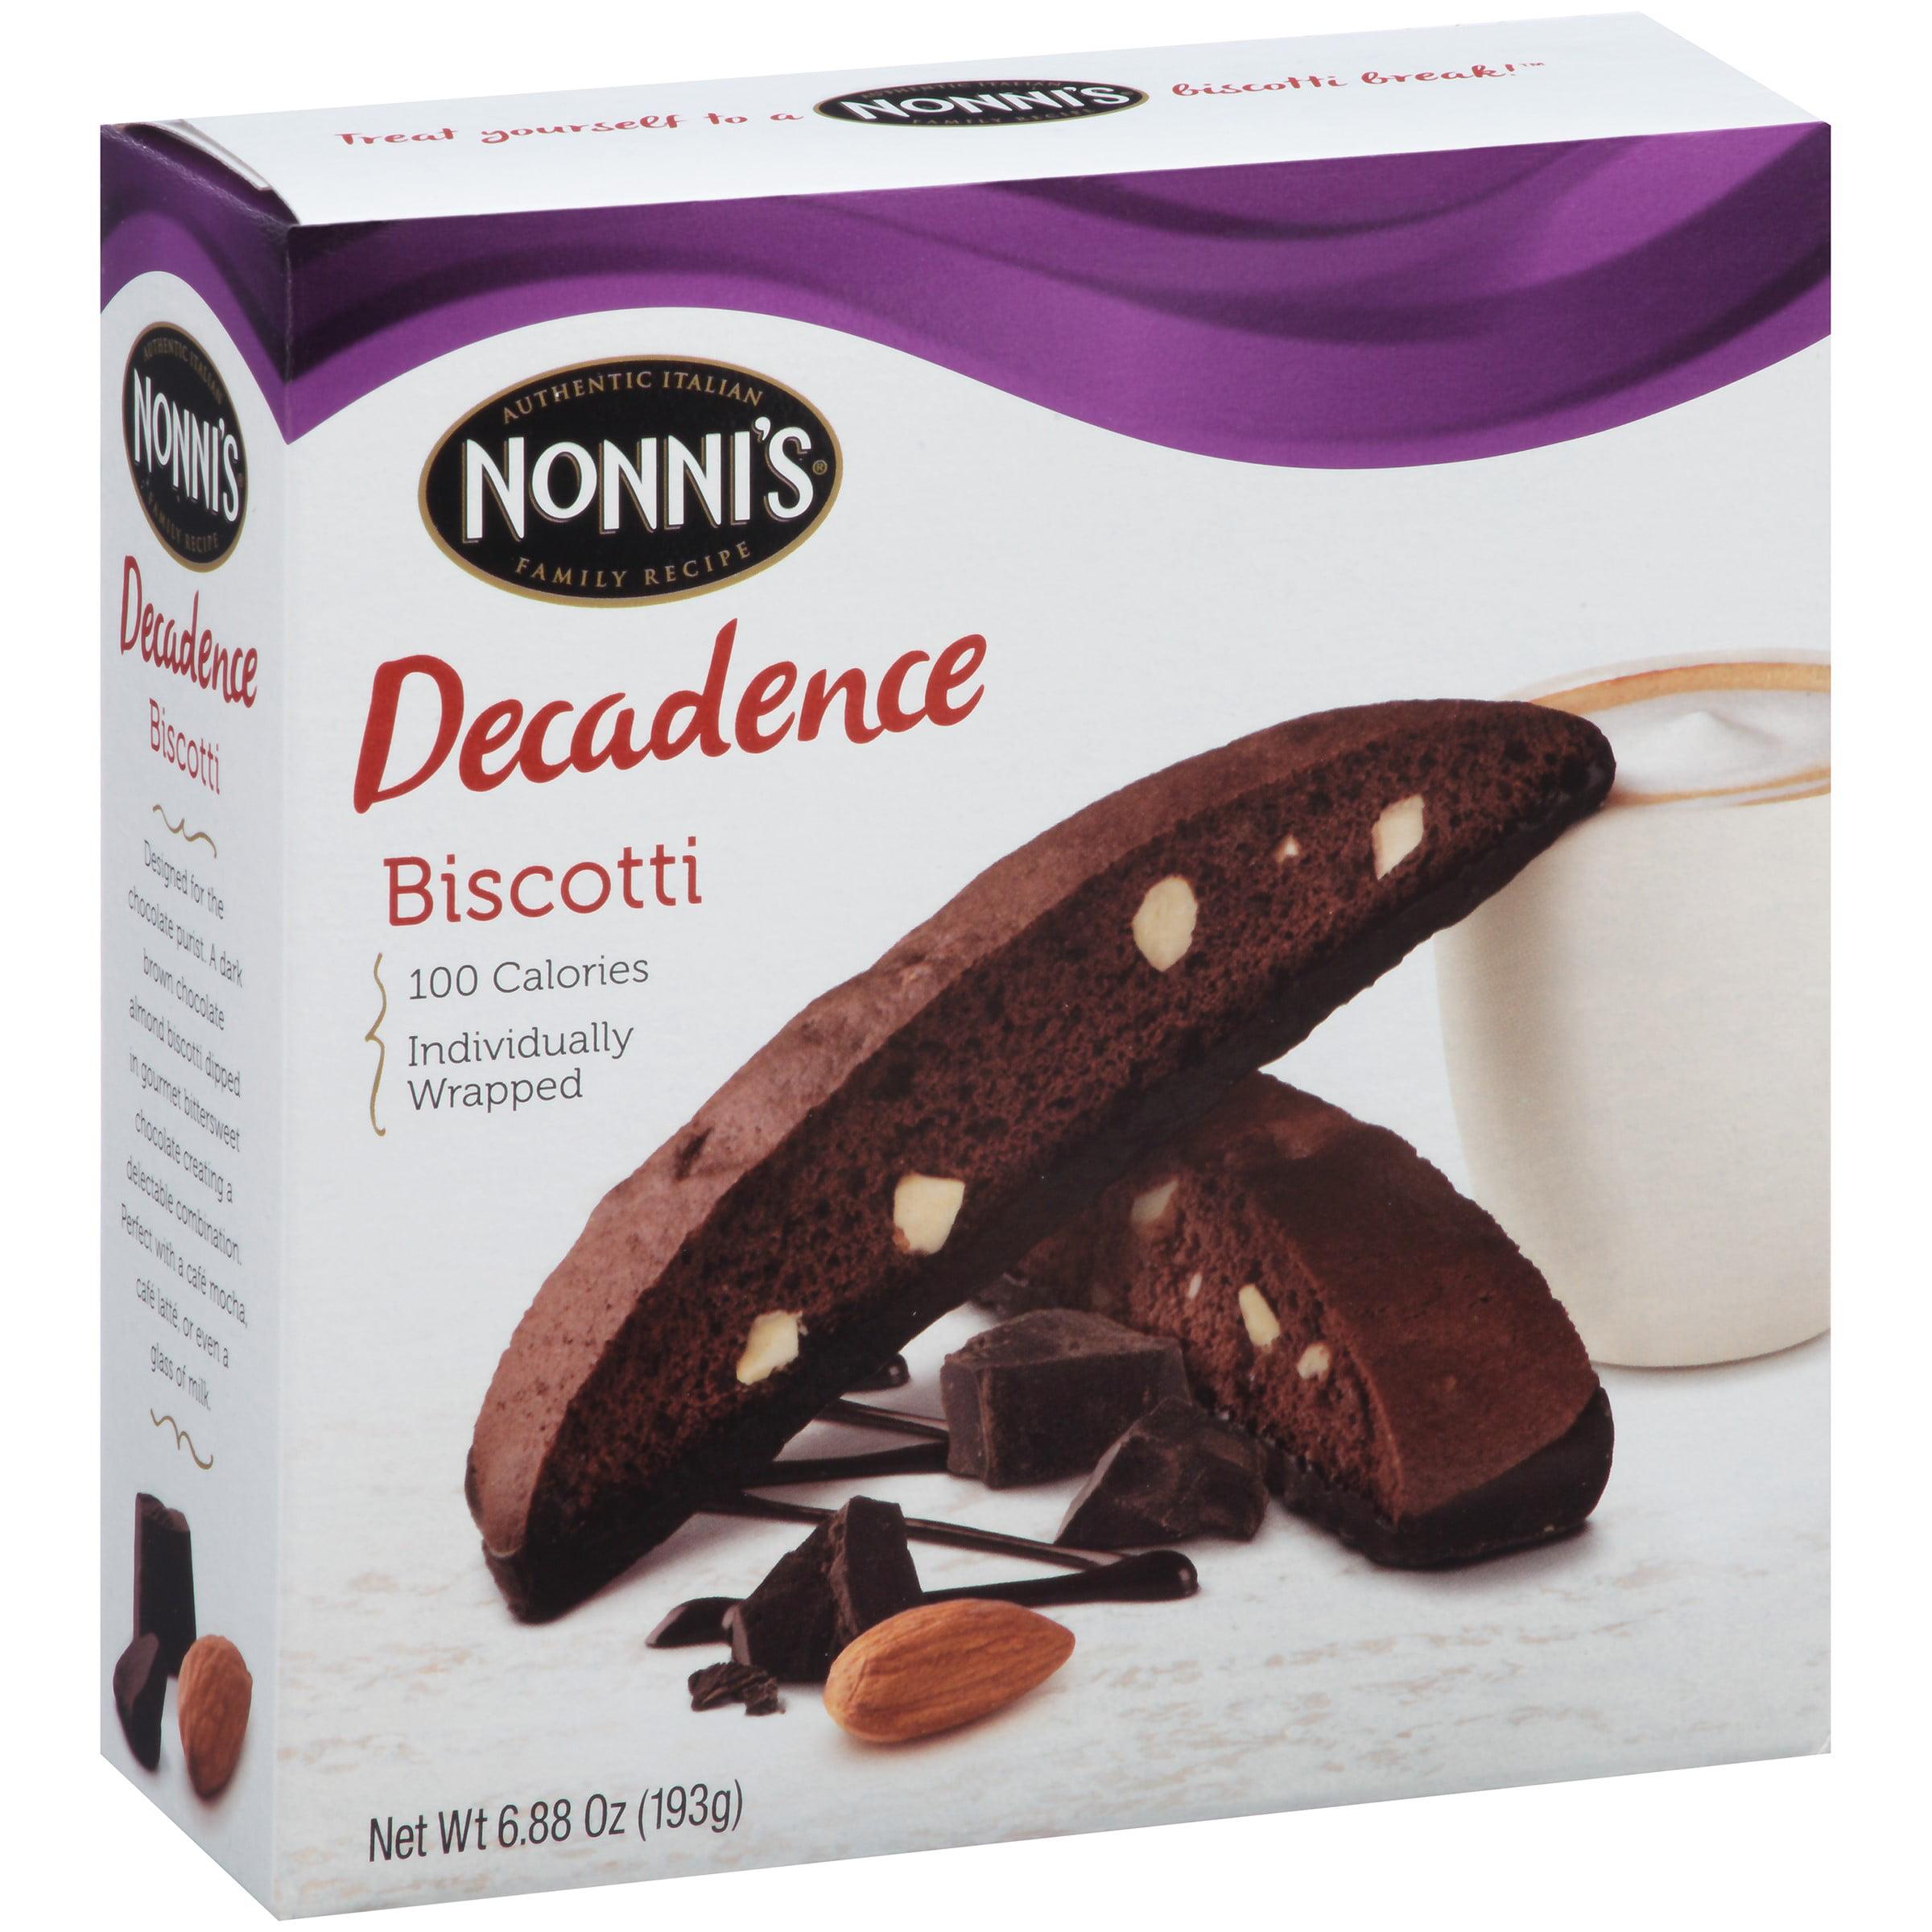 Nonnis Dark Chocolate Almond Biscotti 8 ct Box by Nonni's